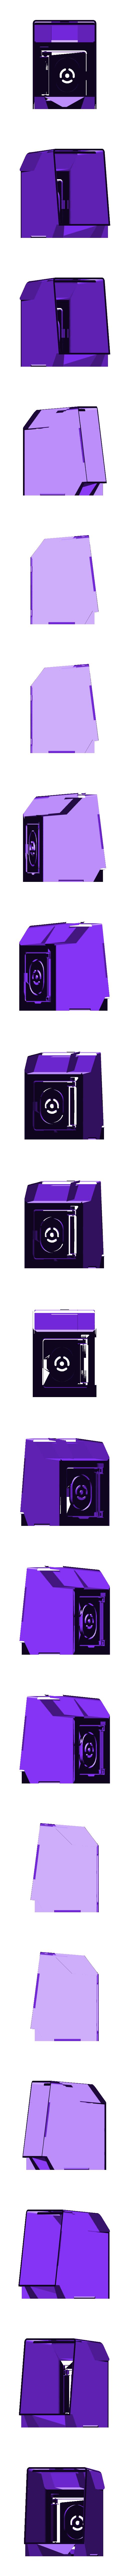 hallowmac-case-back.stl Télécharger fichier STL gratuit HalloWing Mac M0 • Modèle à imprimer en 3D, Adafruit